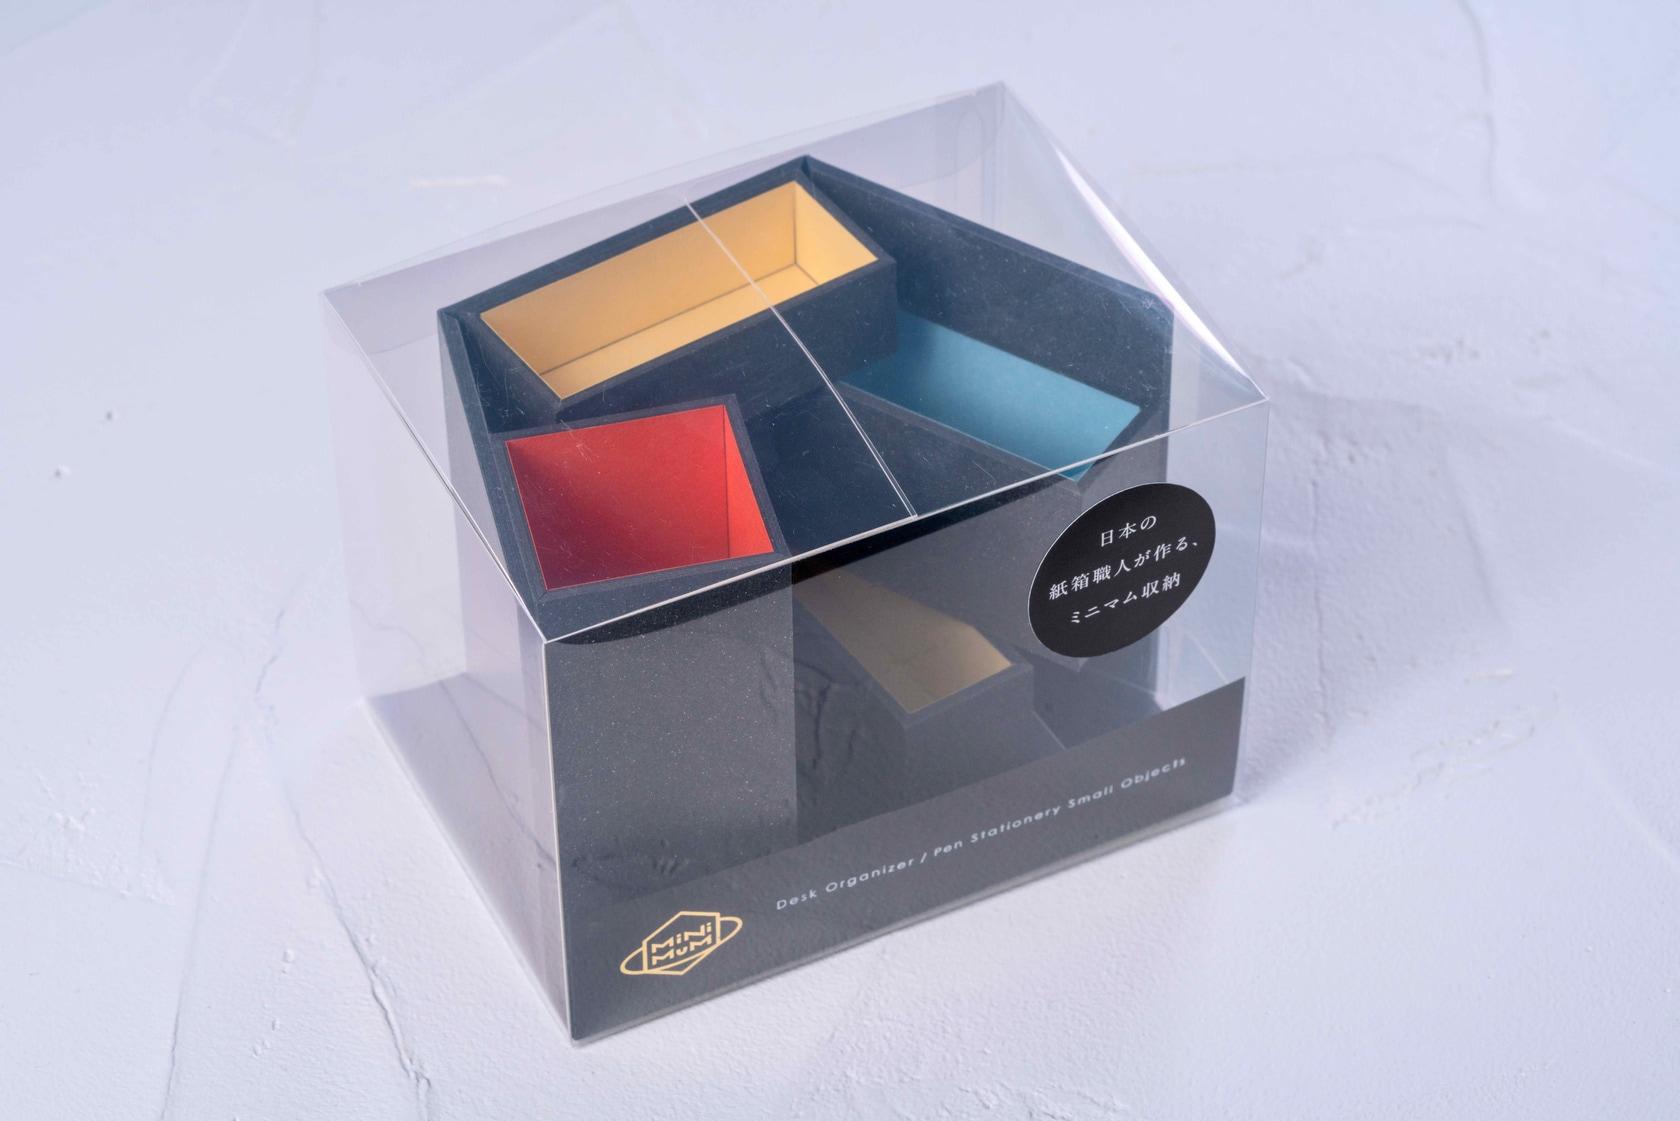 モリタのMiNiMuM Space BOX-1(ブラック)のパッケージ